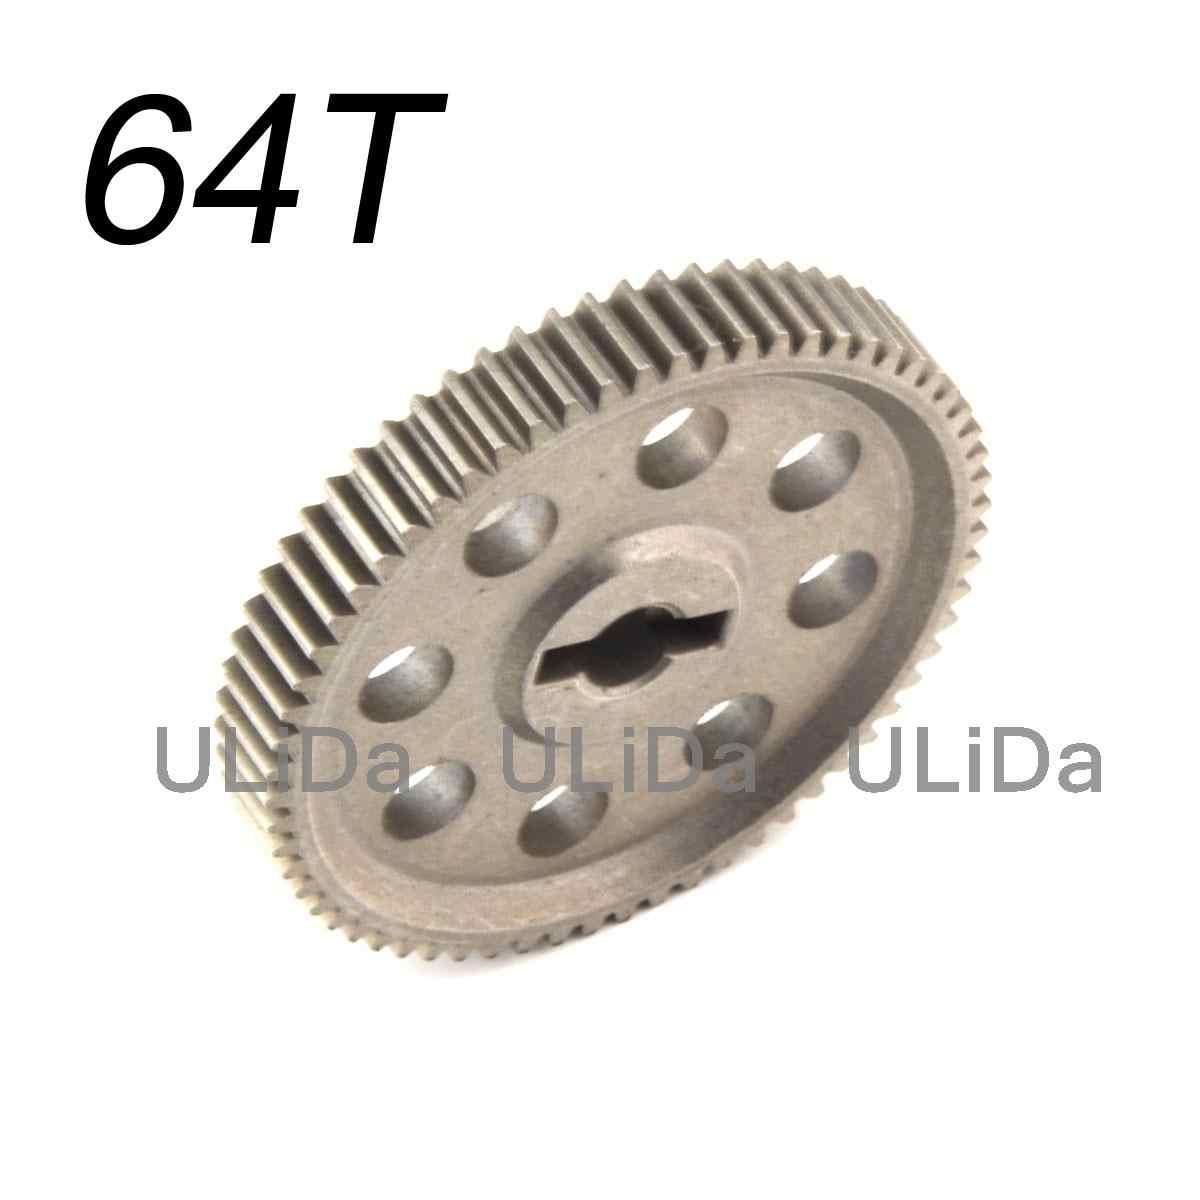 11184 Металл дифференциальная основная передача 64 T 11119 11181 11176 11189 Шестерня двигателя 17 T 21 T 26 T 29 T для 1/10 4WD RC HSP модель автомобиля